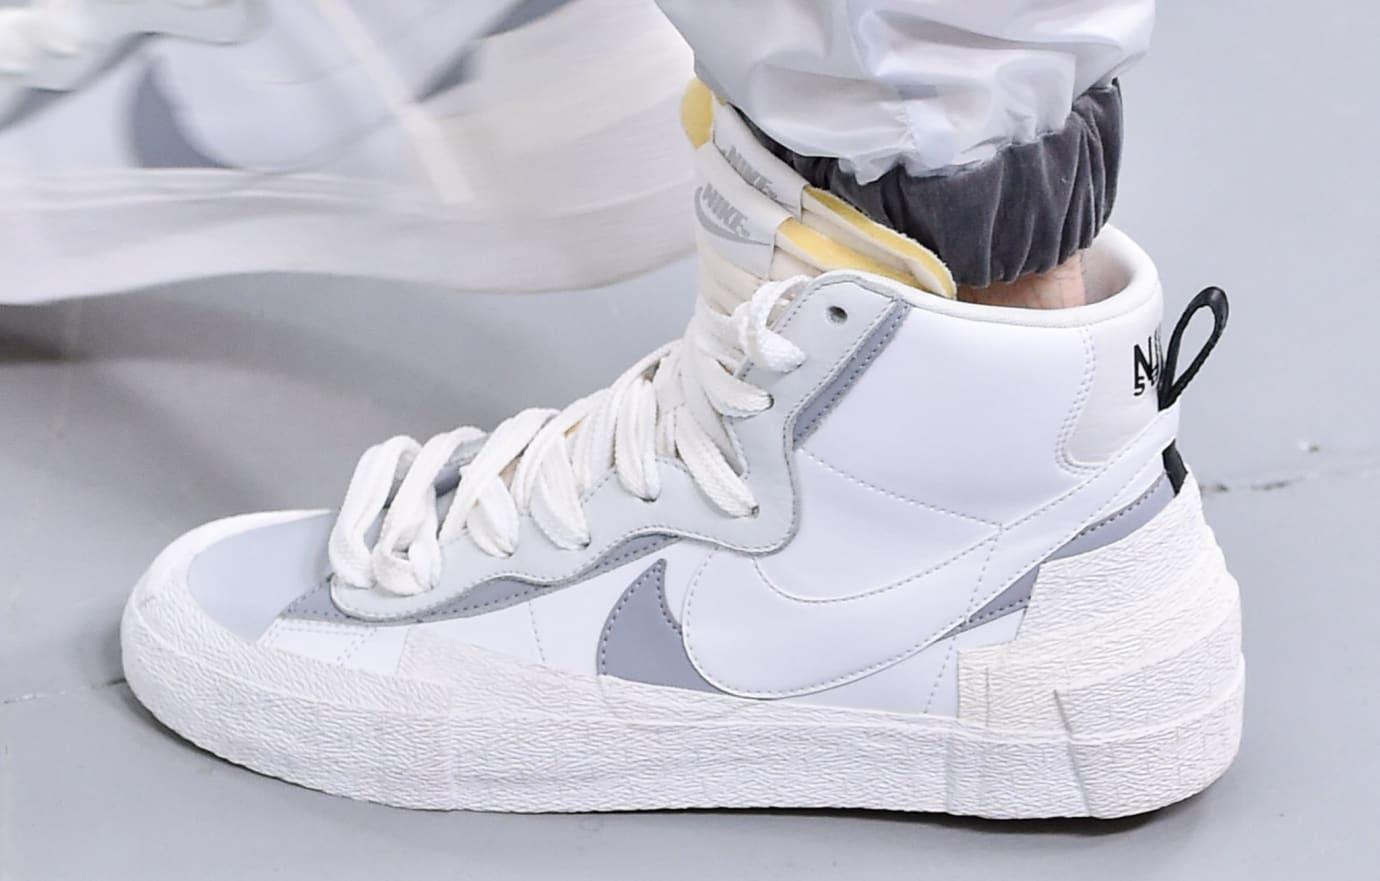 sacai-nike-hybrid-dunk-blazer-white-lateral